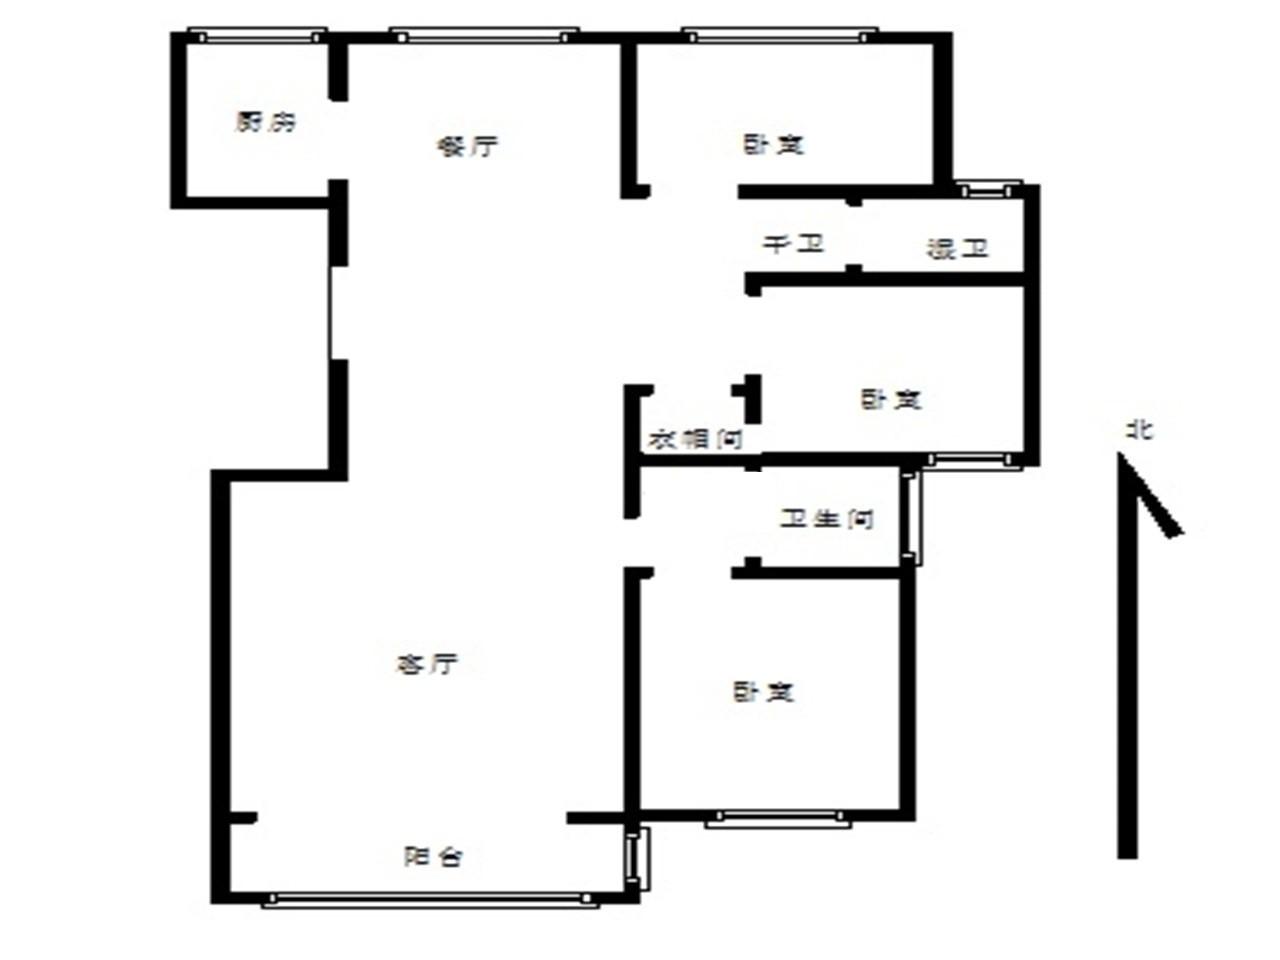 鼓楼区龙江瑞园3室2厅户型图